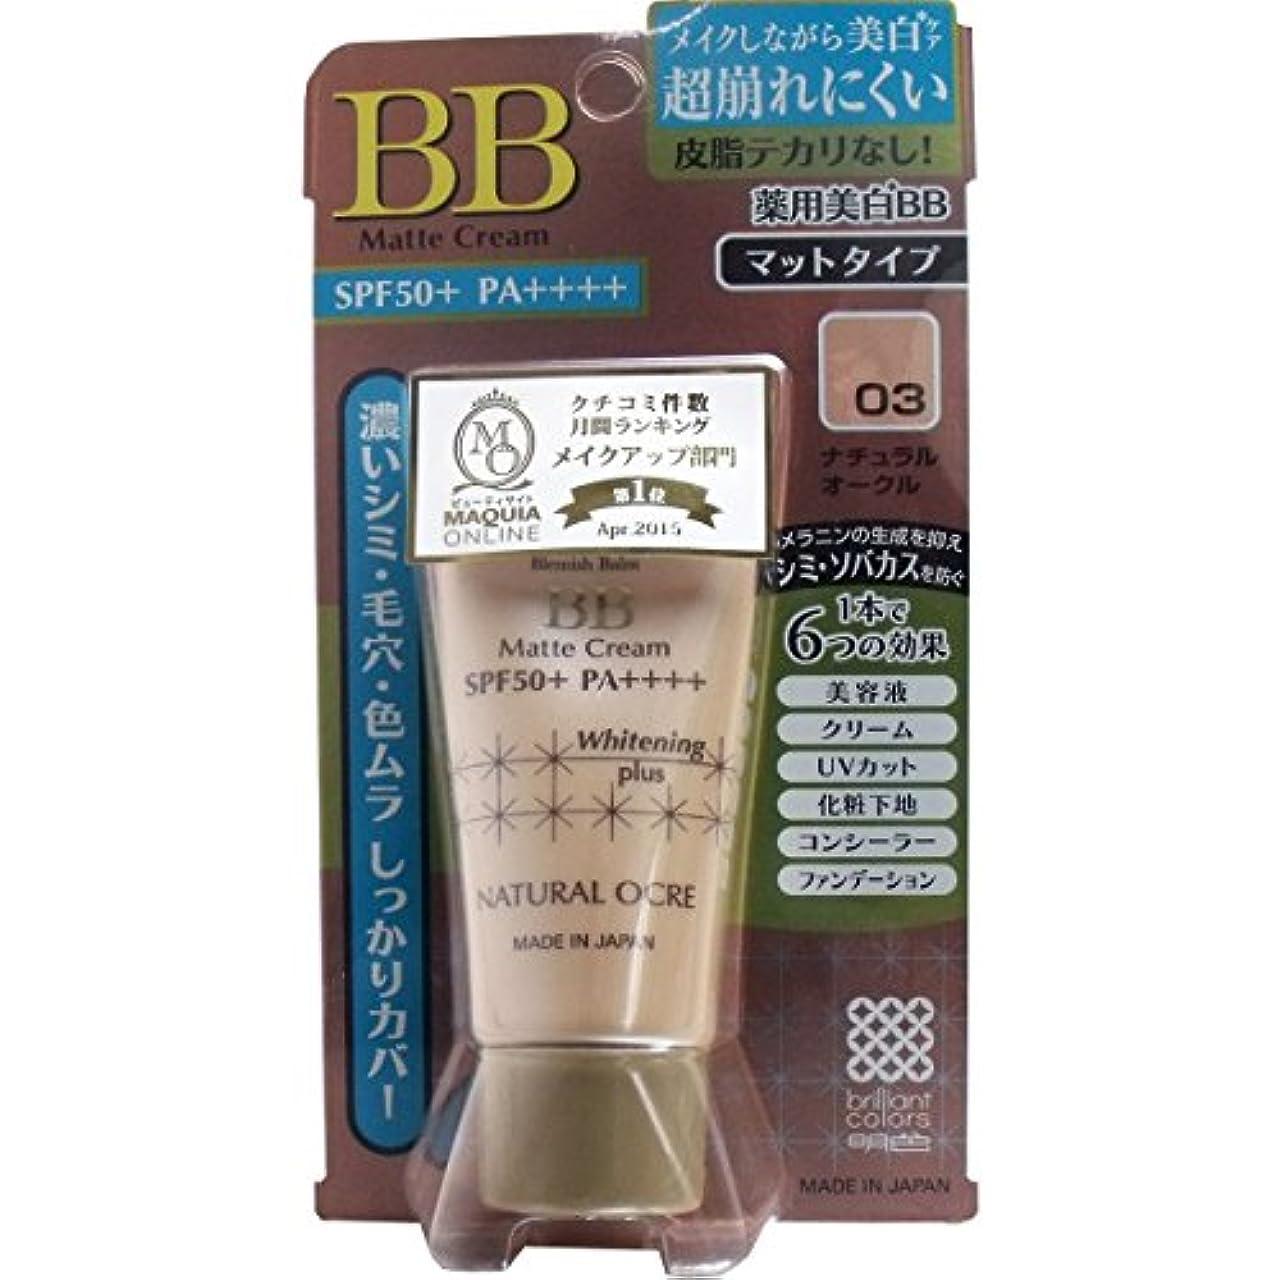 アルカトラズ島カウンターパート散逸明色化粧品 モイストラボ BBマットクリーム SPF50+ PA++++ 33g ナチュラルオークル (在庫)